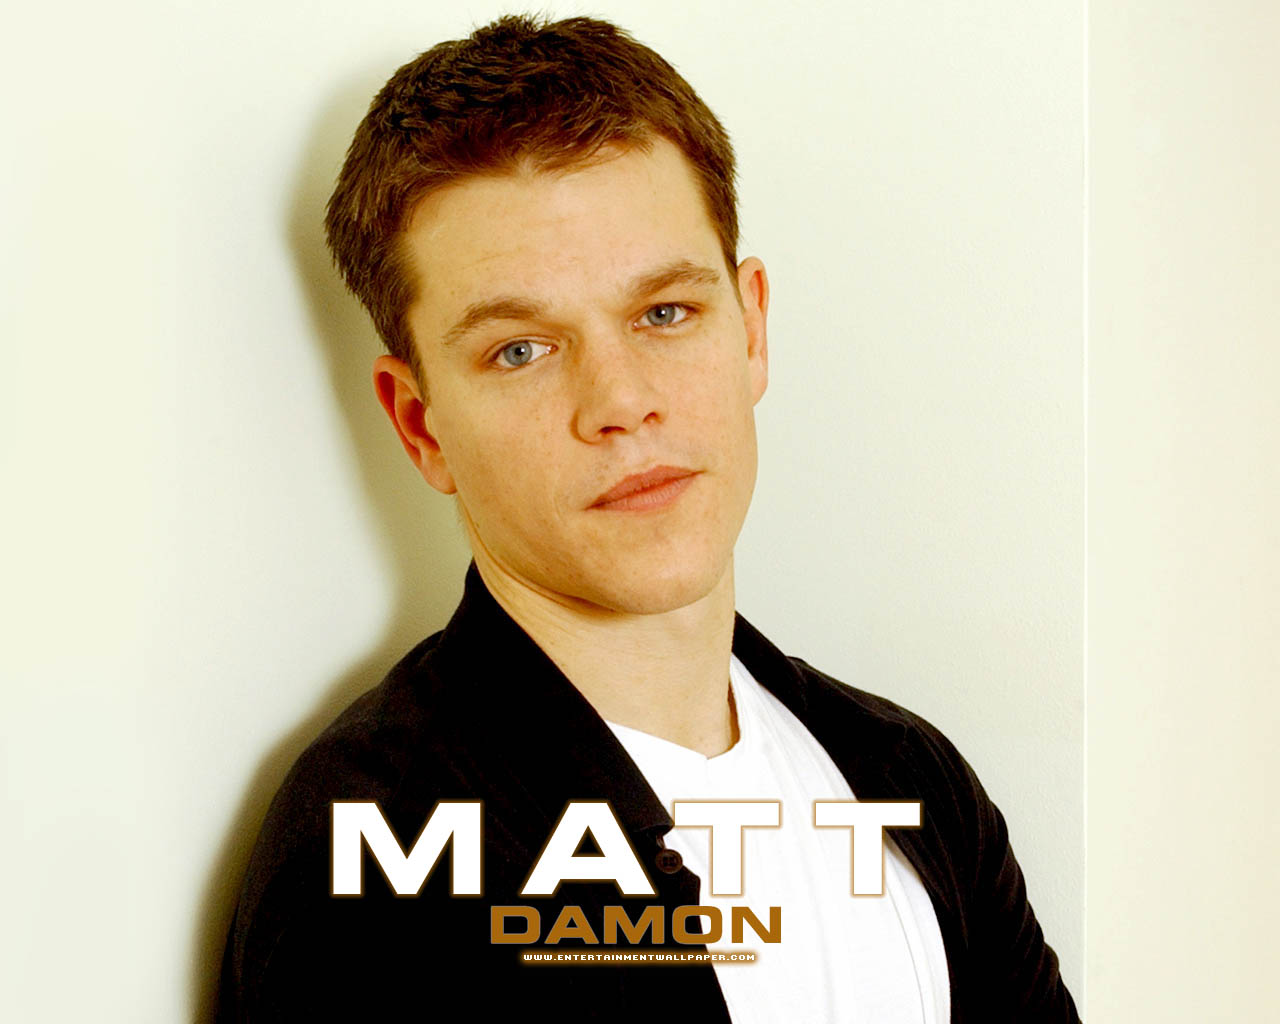 http://2.bp.blogspot.com/-6MOCc0LHqlM/Ta2BlhrywFI/AAAAAAAAAK4/bB3Ls4NpM38/s1600/Matt+Damon.jpg